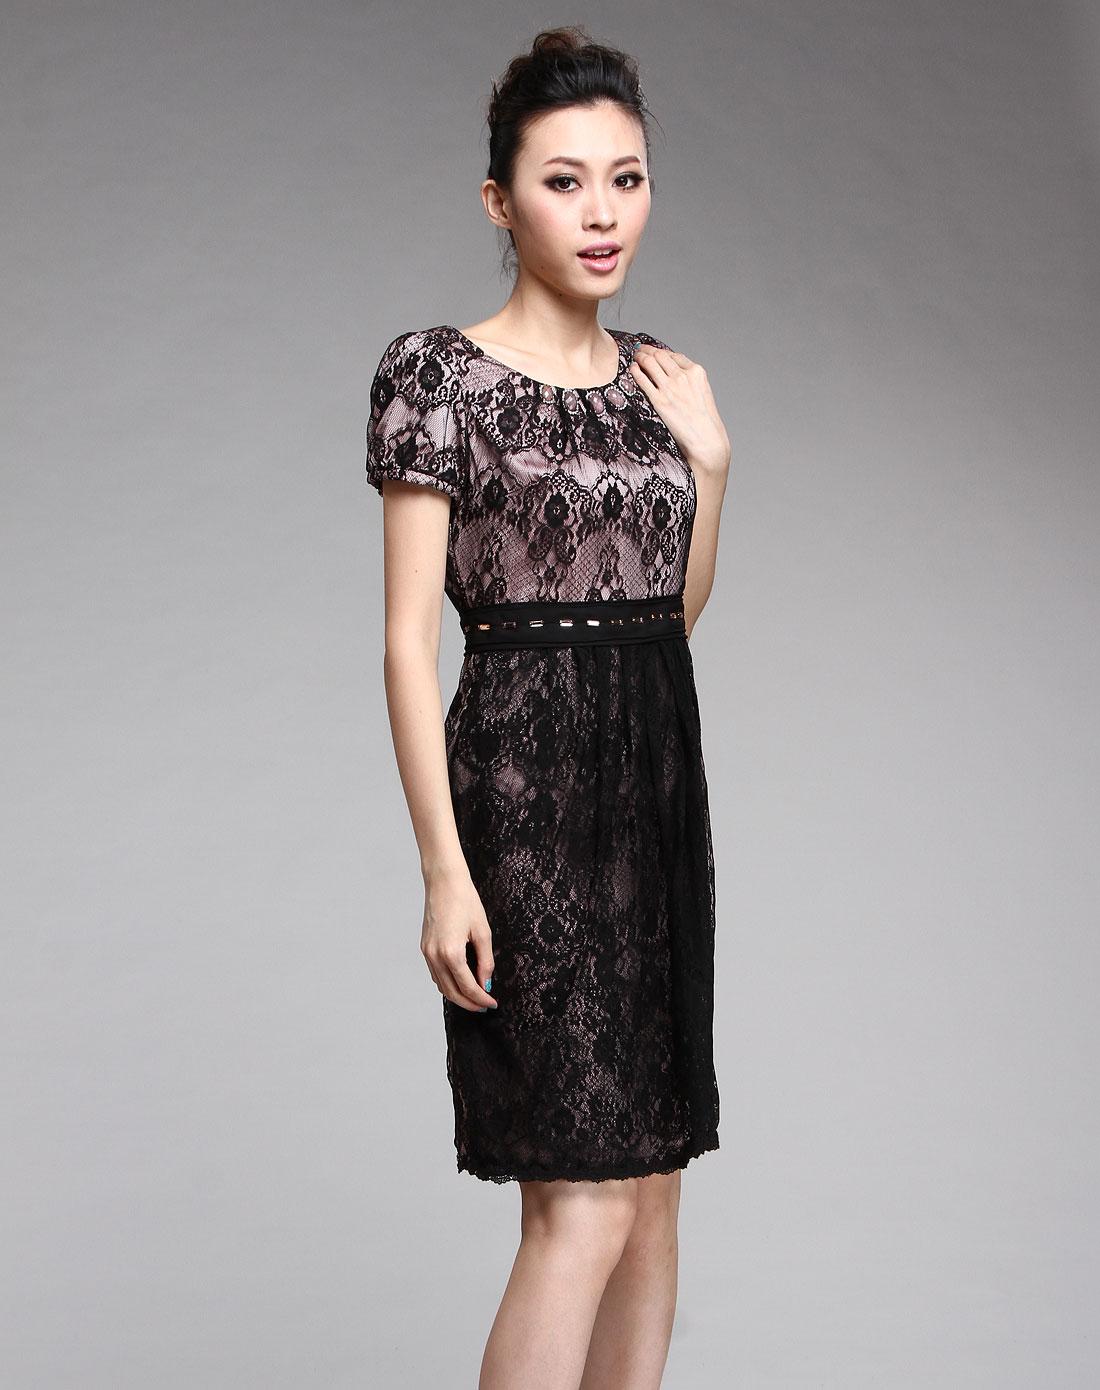 黑色蕾丝花纹短袖连衣裙